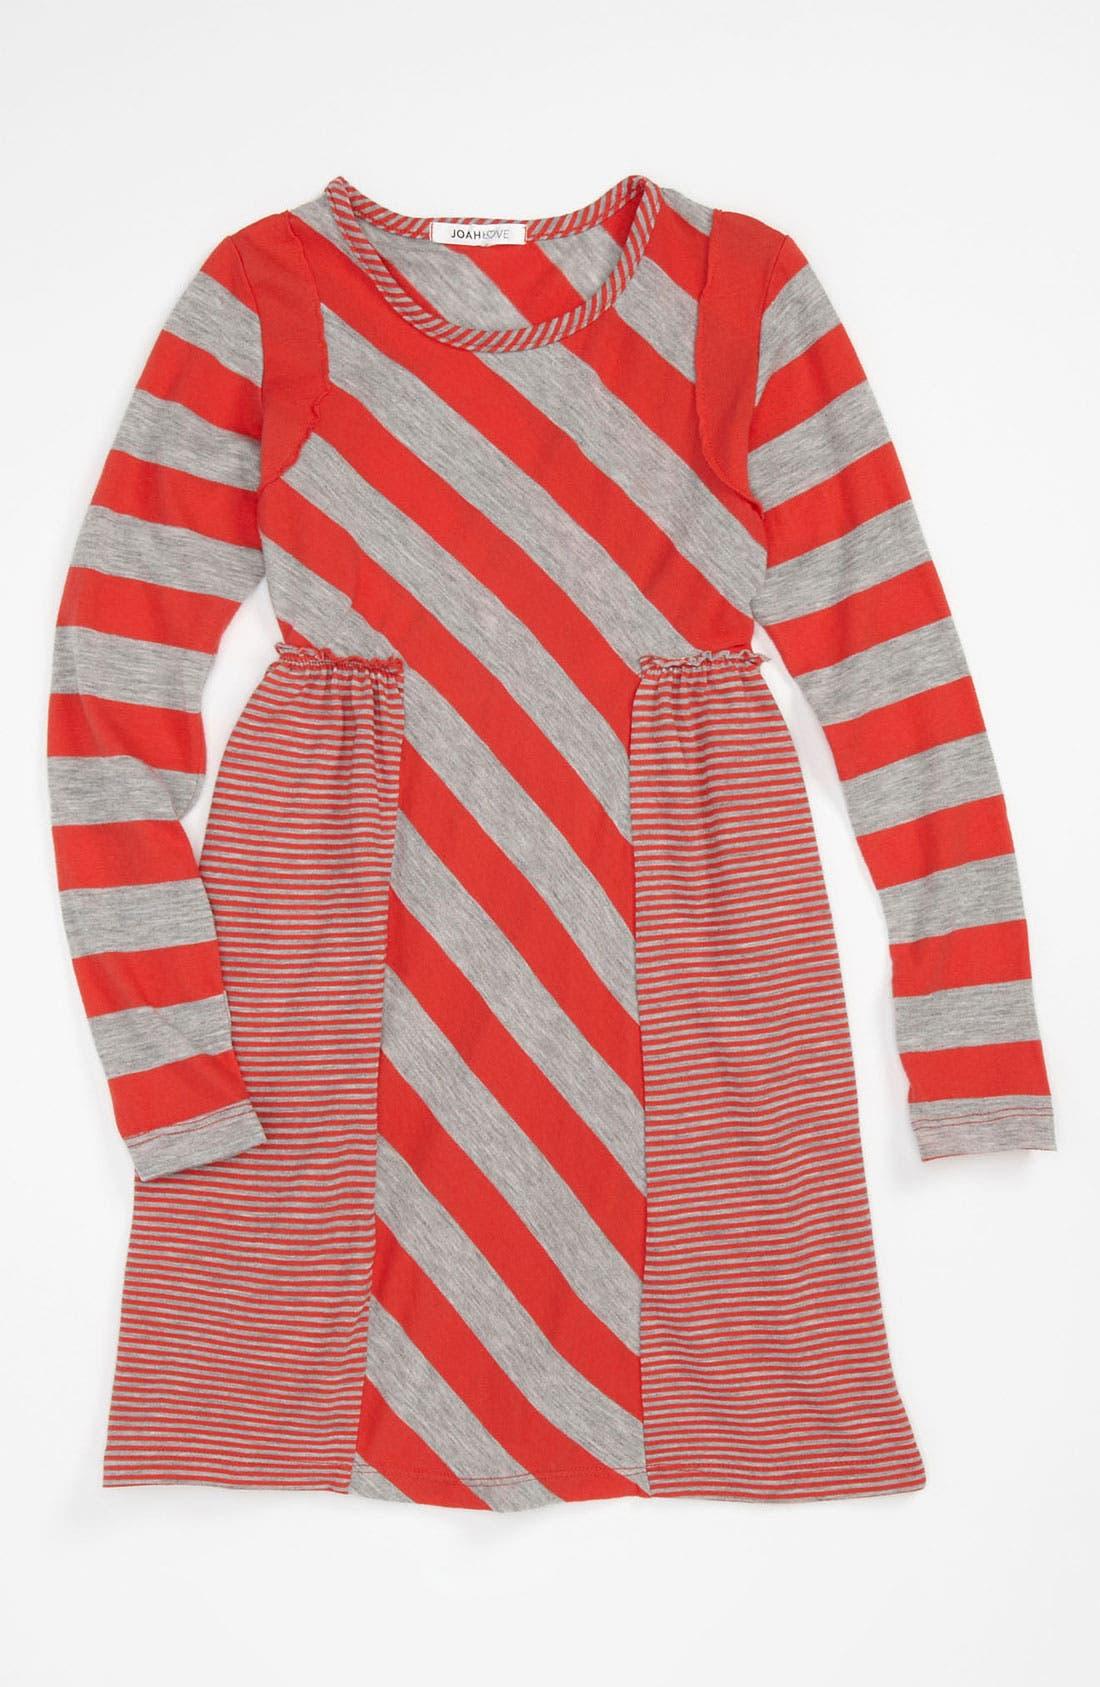 Alternate Image 1 Selected - Joah Love Long Sleeve Dress (Little Girls & Big Girls)